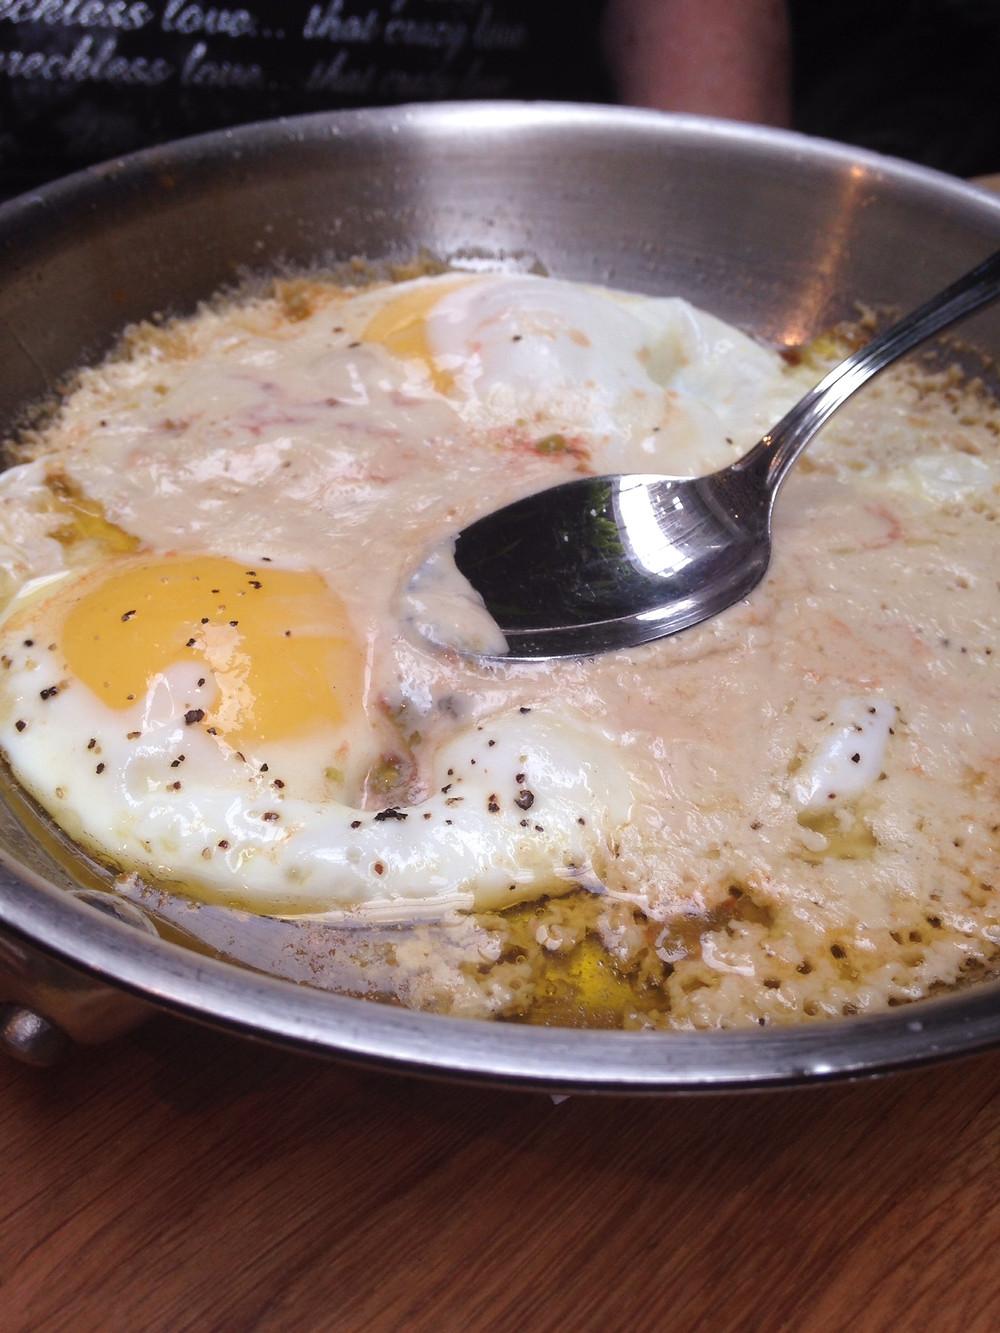 סינייה של ביצי עין - השמן החדש משתלט על המנה.jpg